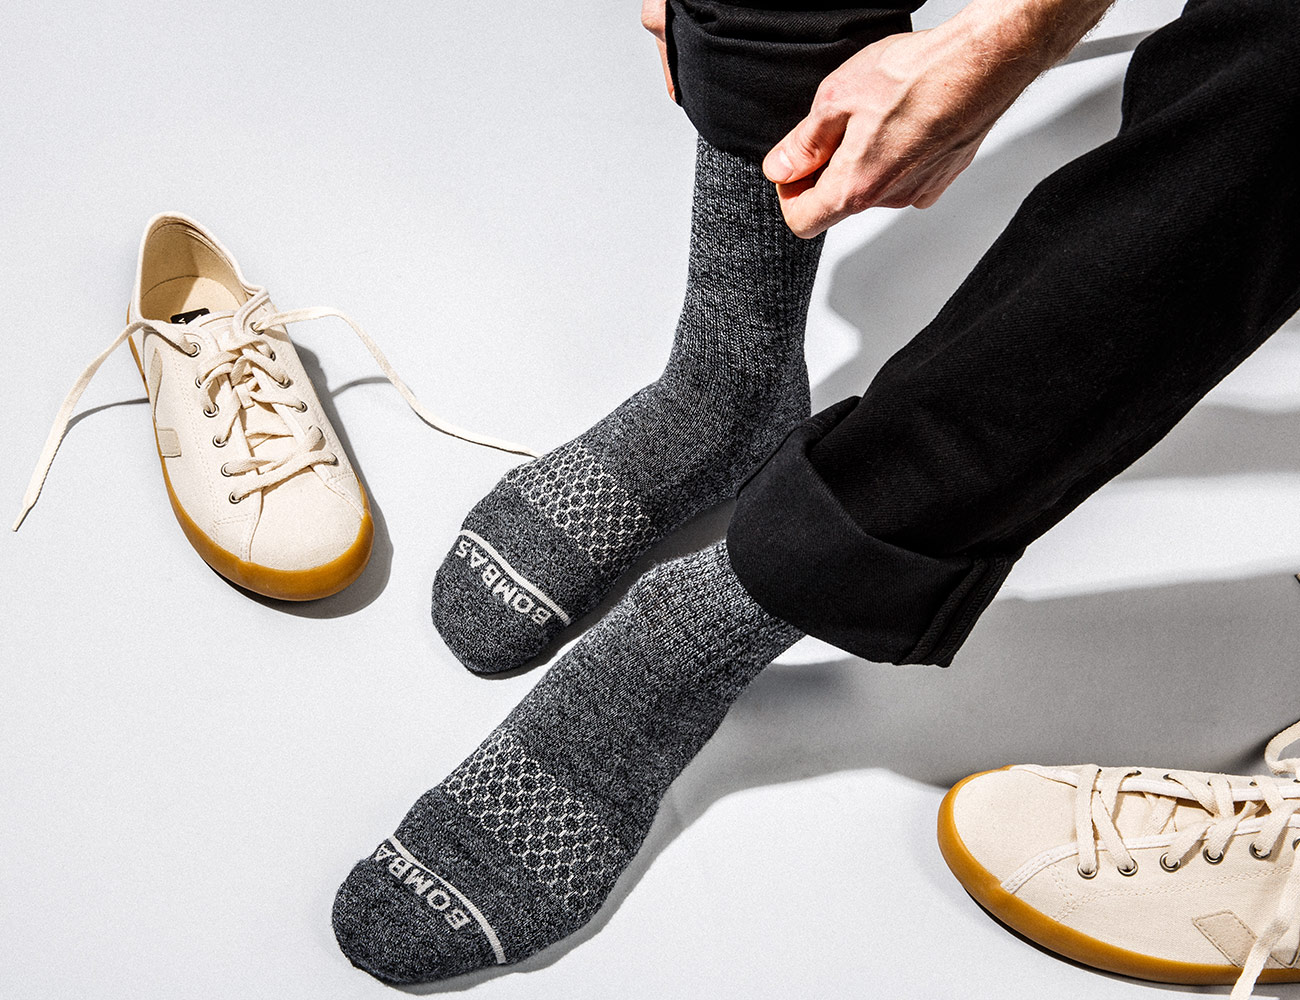 ست جوراب و کفش های مردانه